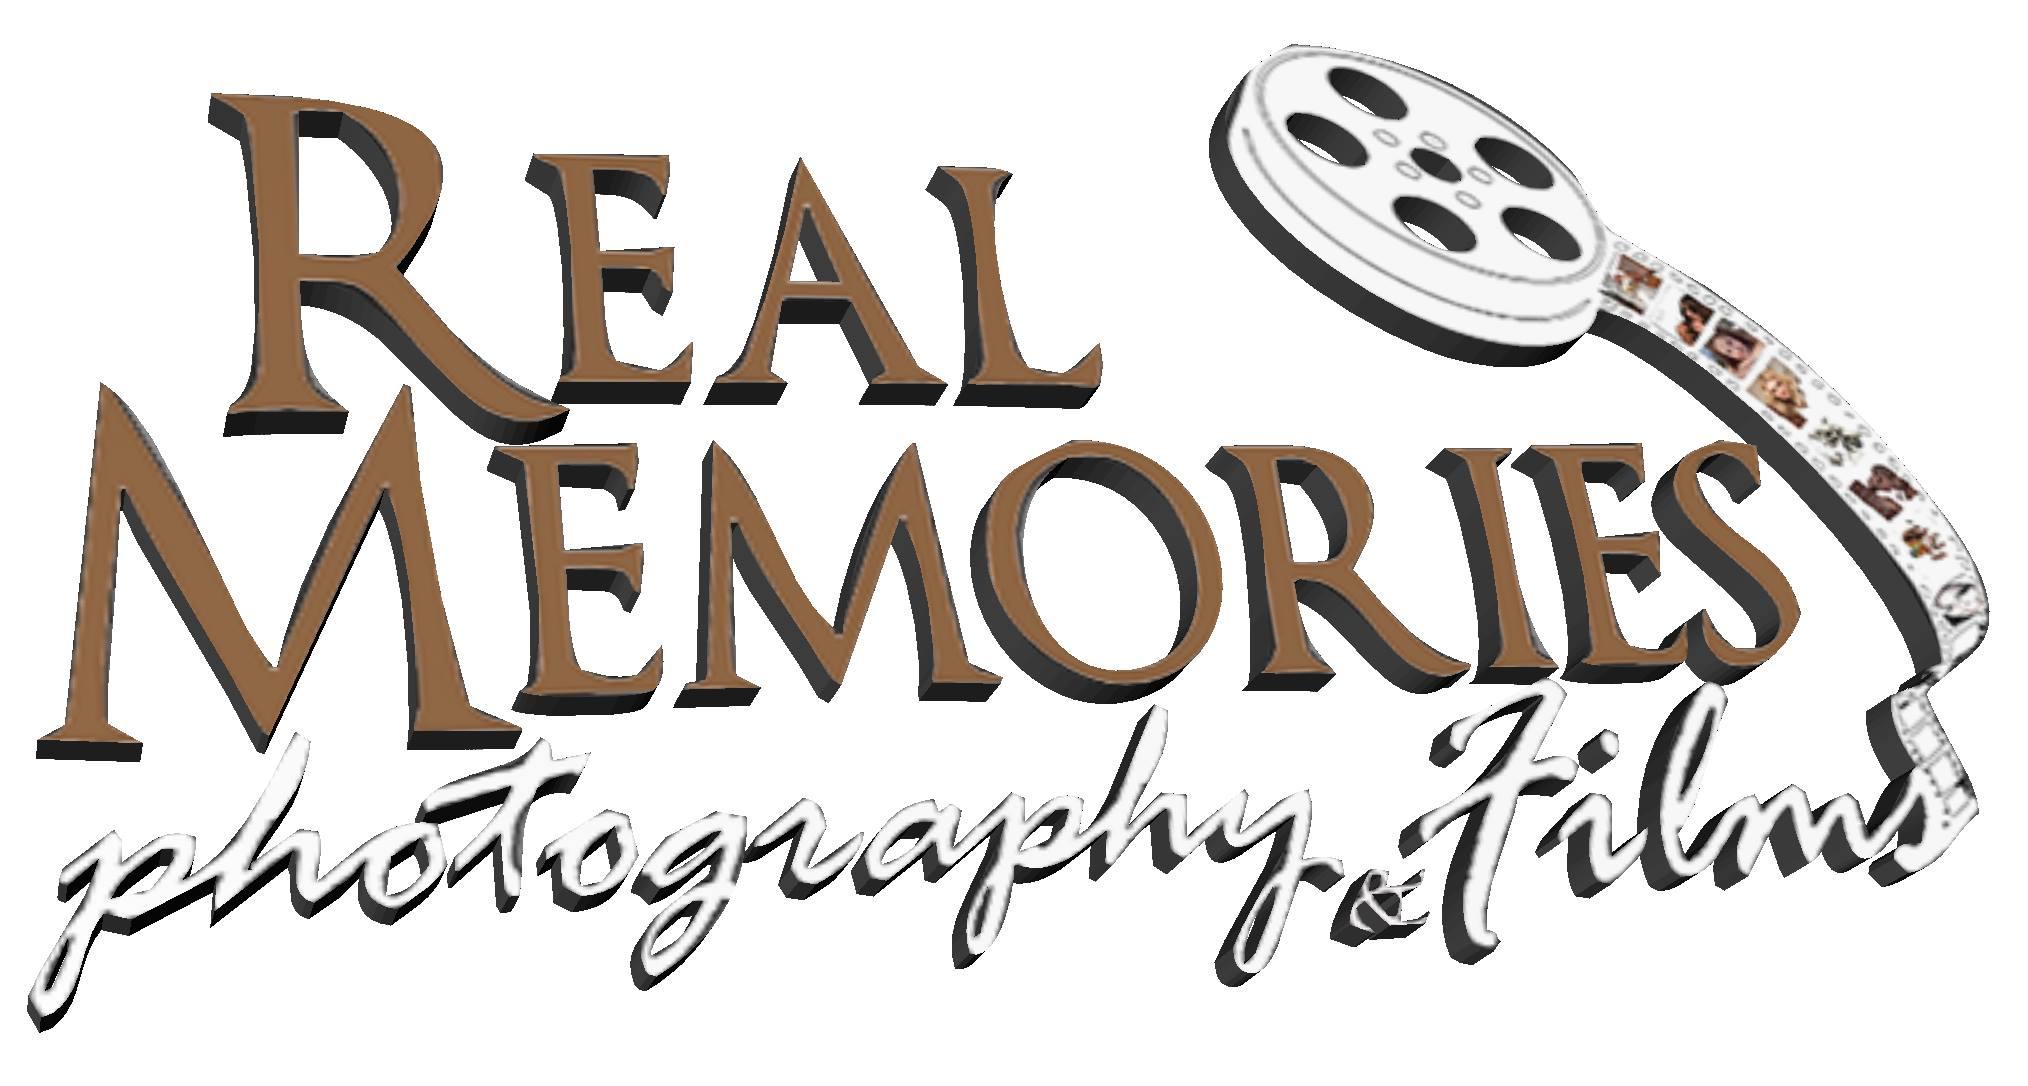 Real Memories Photography - Real Memories